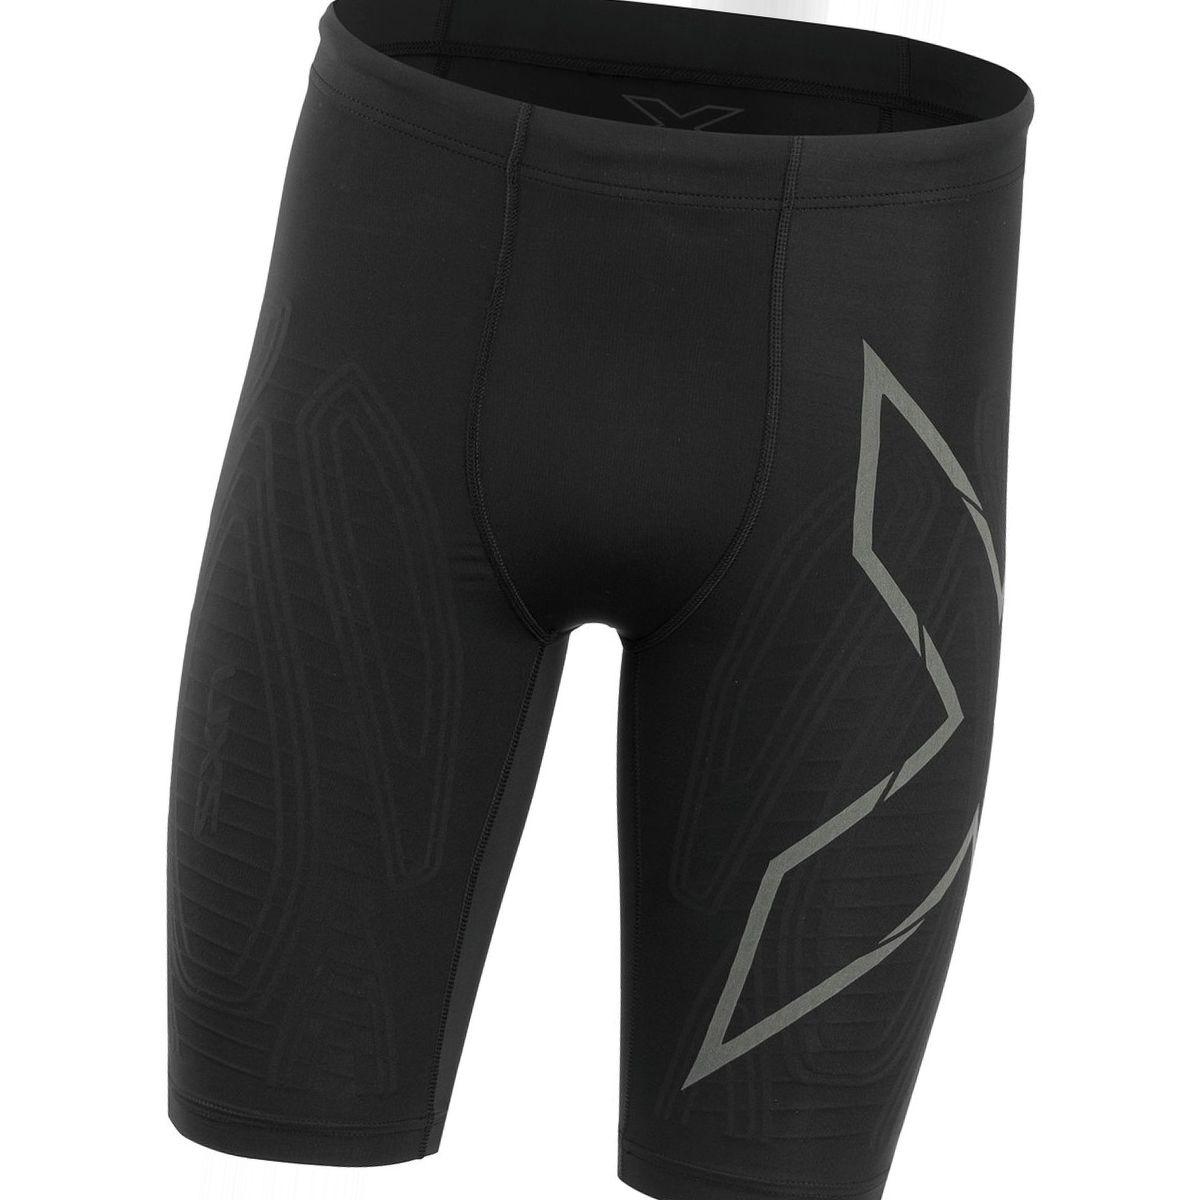 2XU MCS Compression Short - Men's